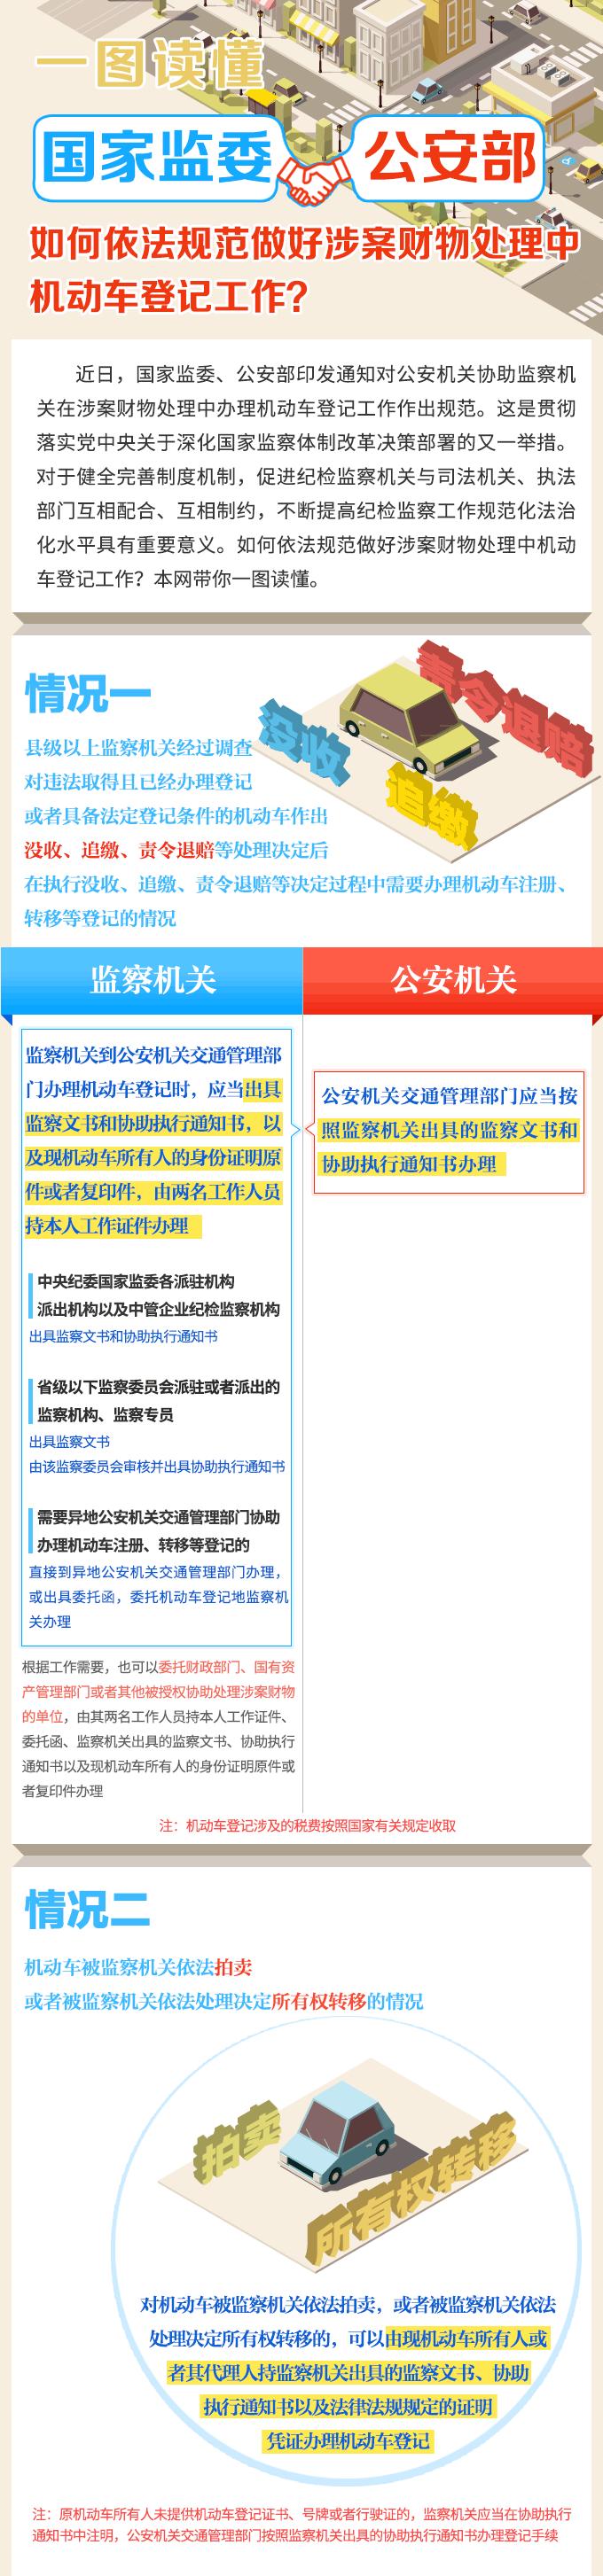 「杏悦」国家监委杏悦公安部如何依法规范图片